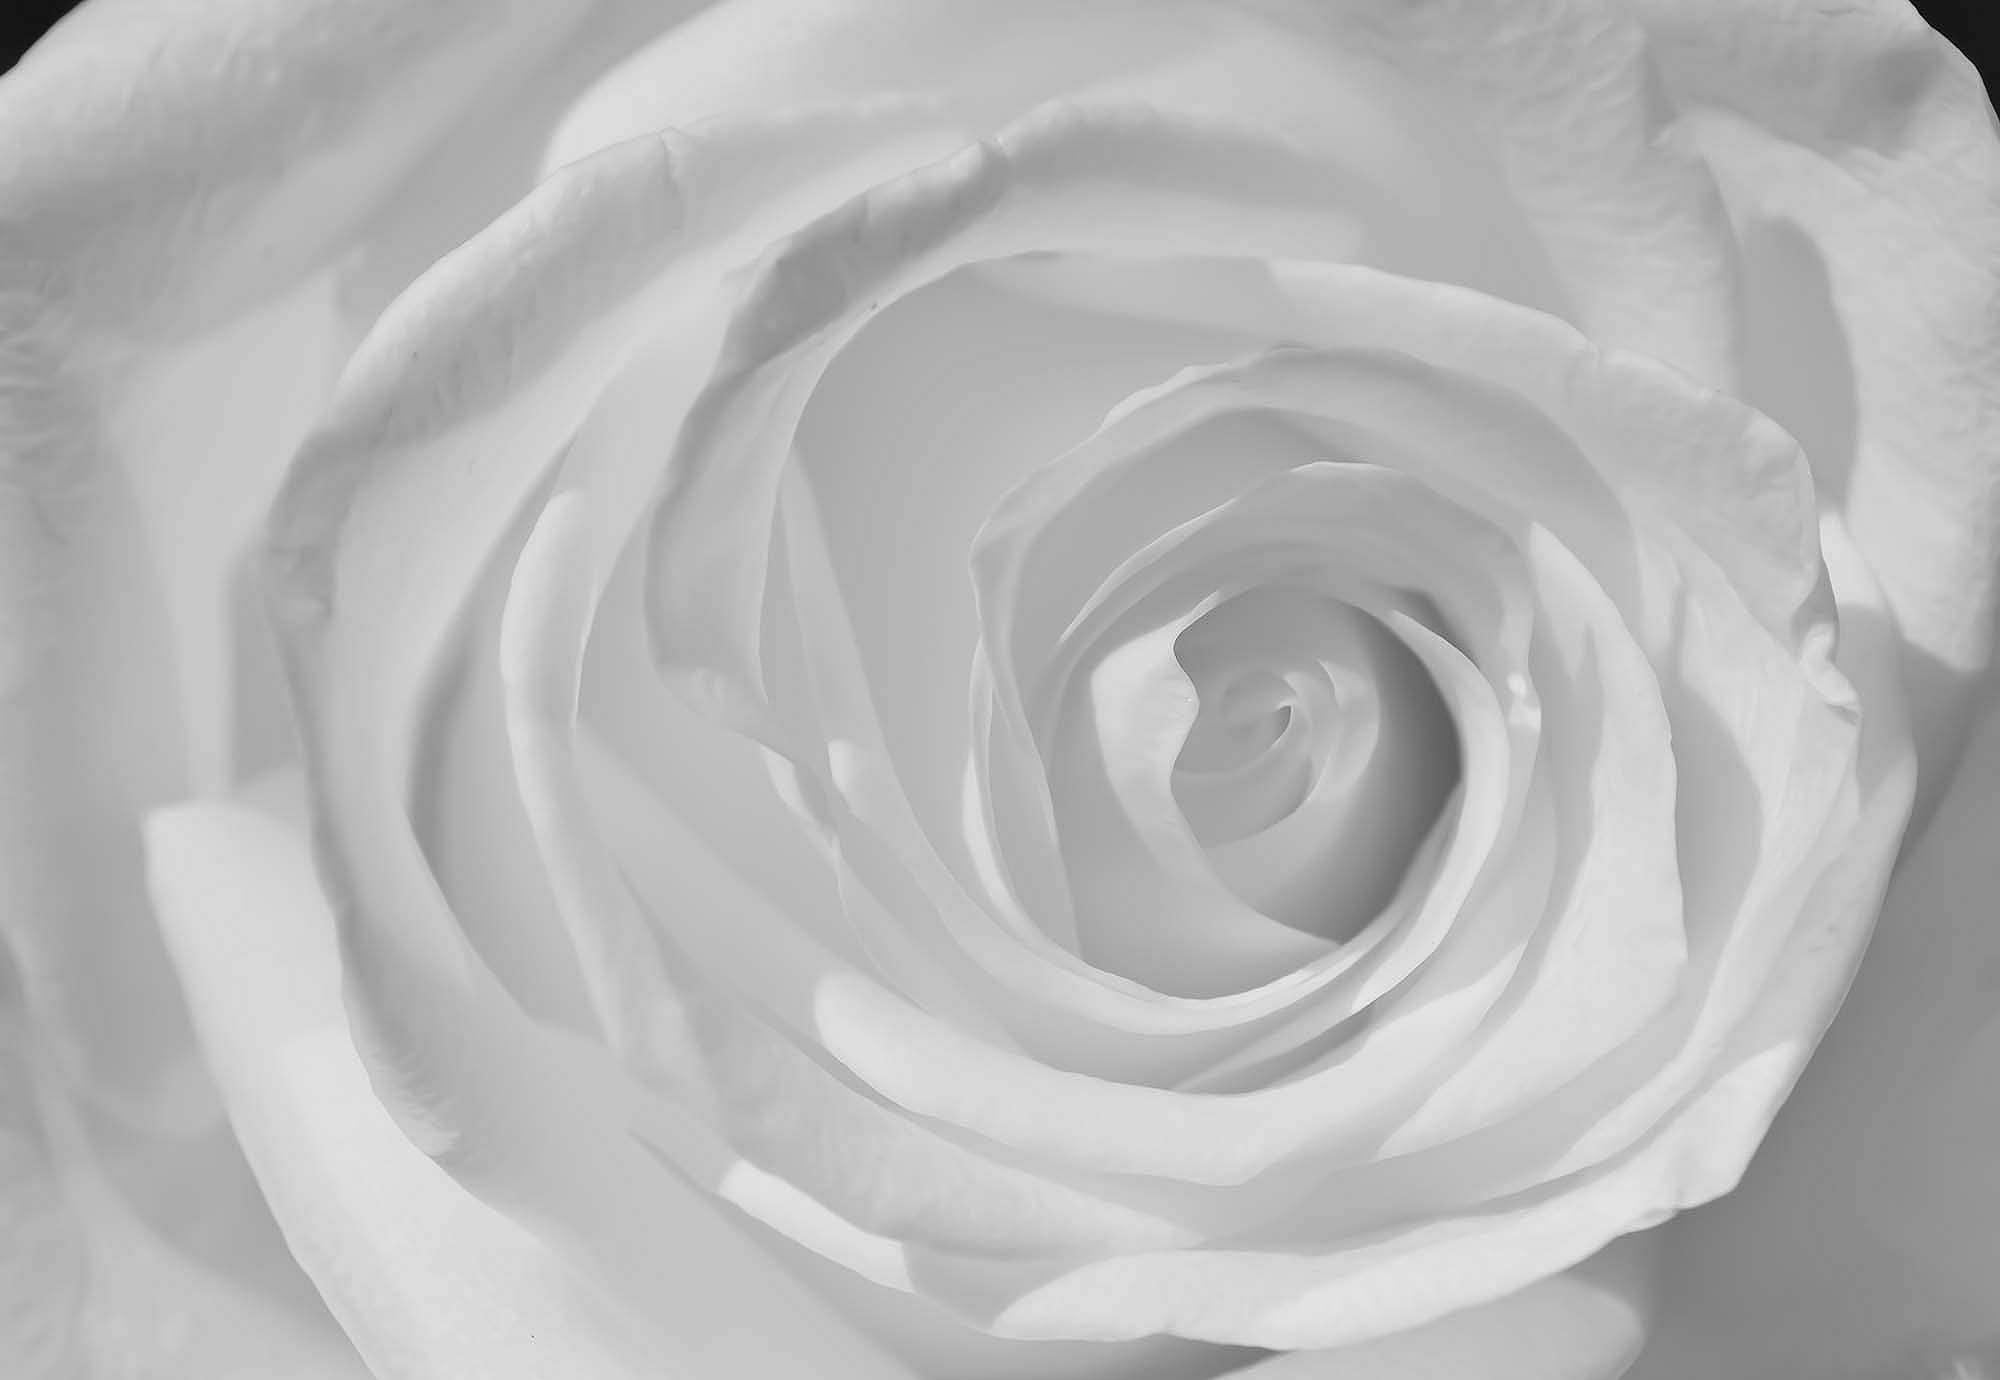 Fali poszter fehér rózsa mintával